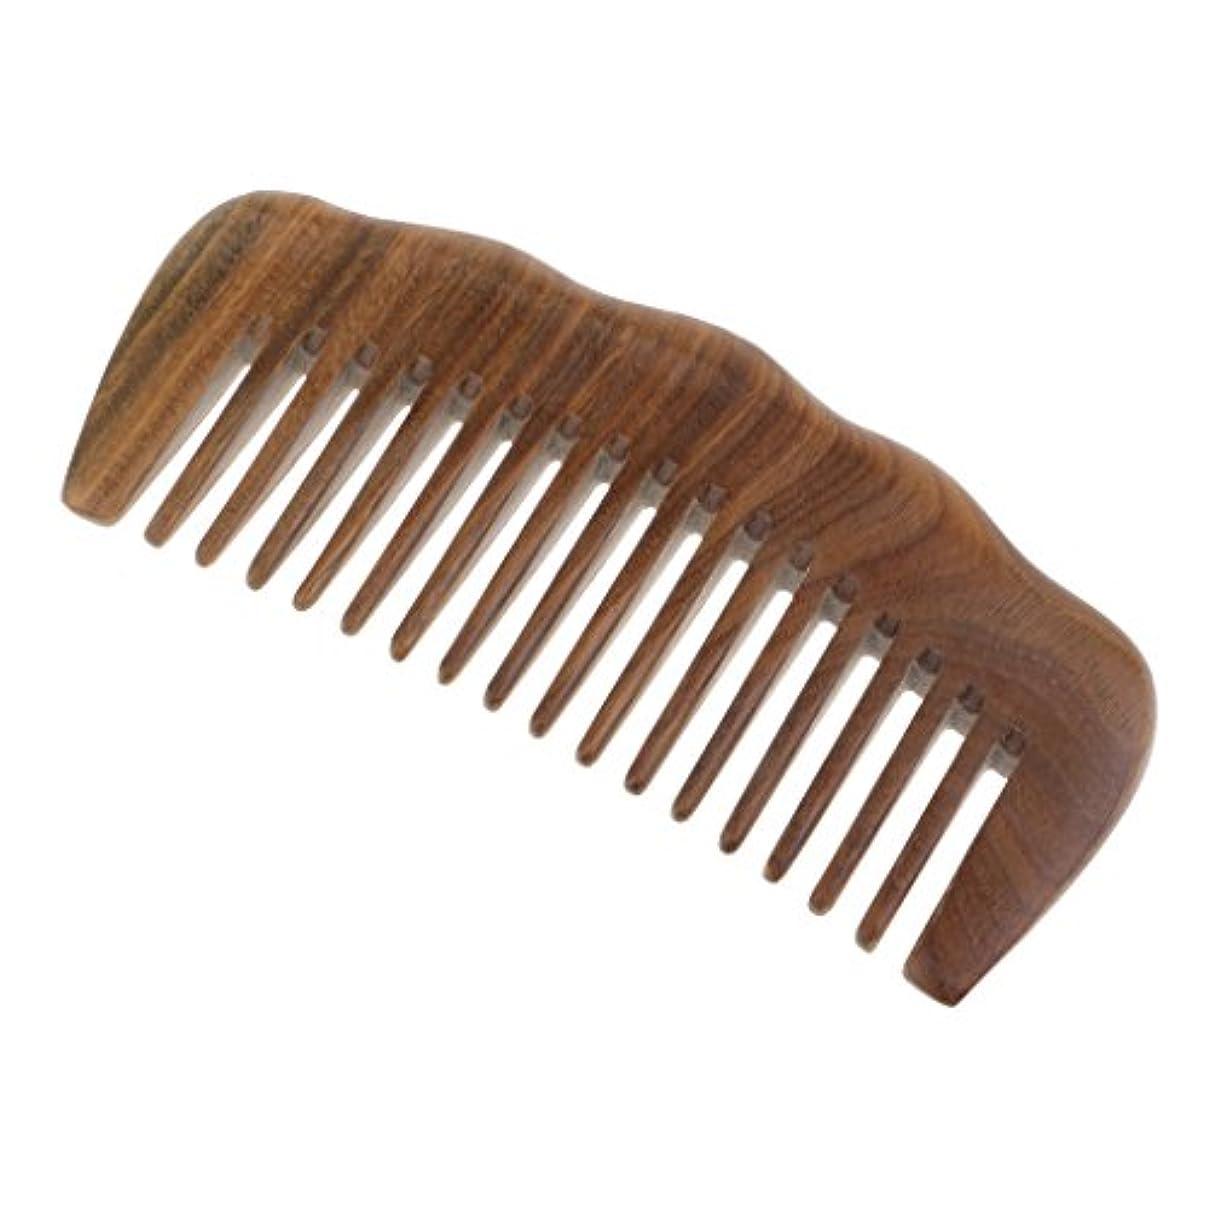 生命体土砂降り人工的なToygogo 緑のサンダルウッドの毛の櫛-巻き毛のための広い歯の木製のもつれの櫛-静的な自然な香りの木材の櫛